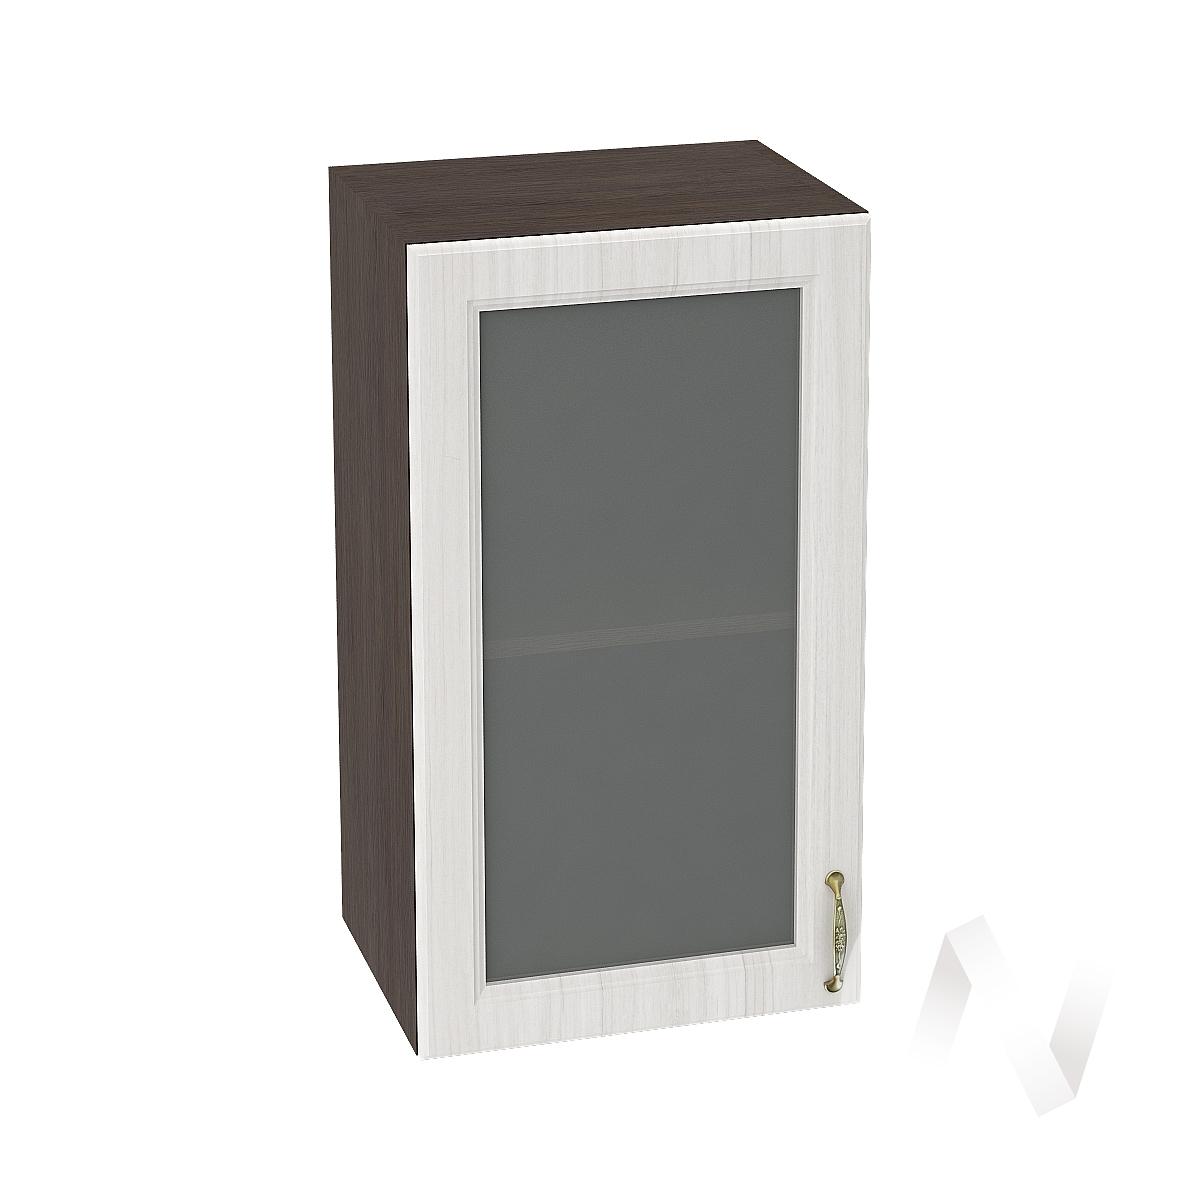 """Купить кухня """"виктория"""": шкаф верхний со стеклом 400, швс 400 (корпус венге) в Новосибирске в интернет-магазине Мебель плюс Техника"""